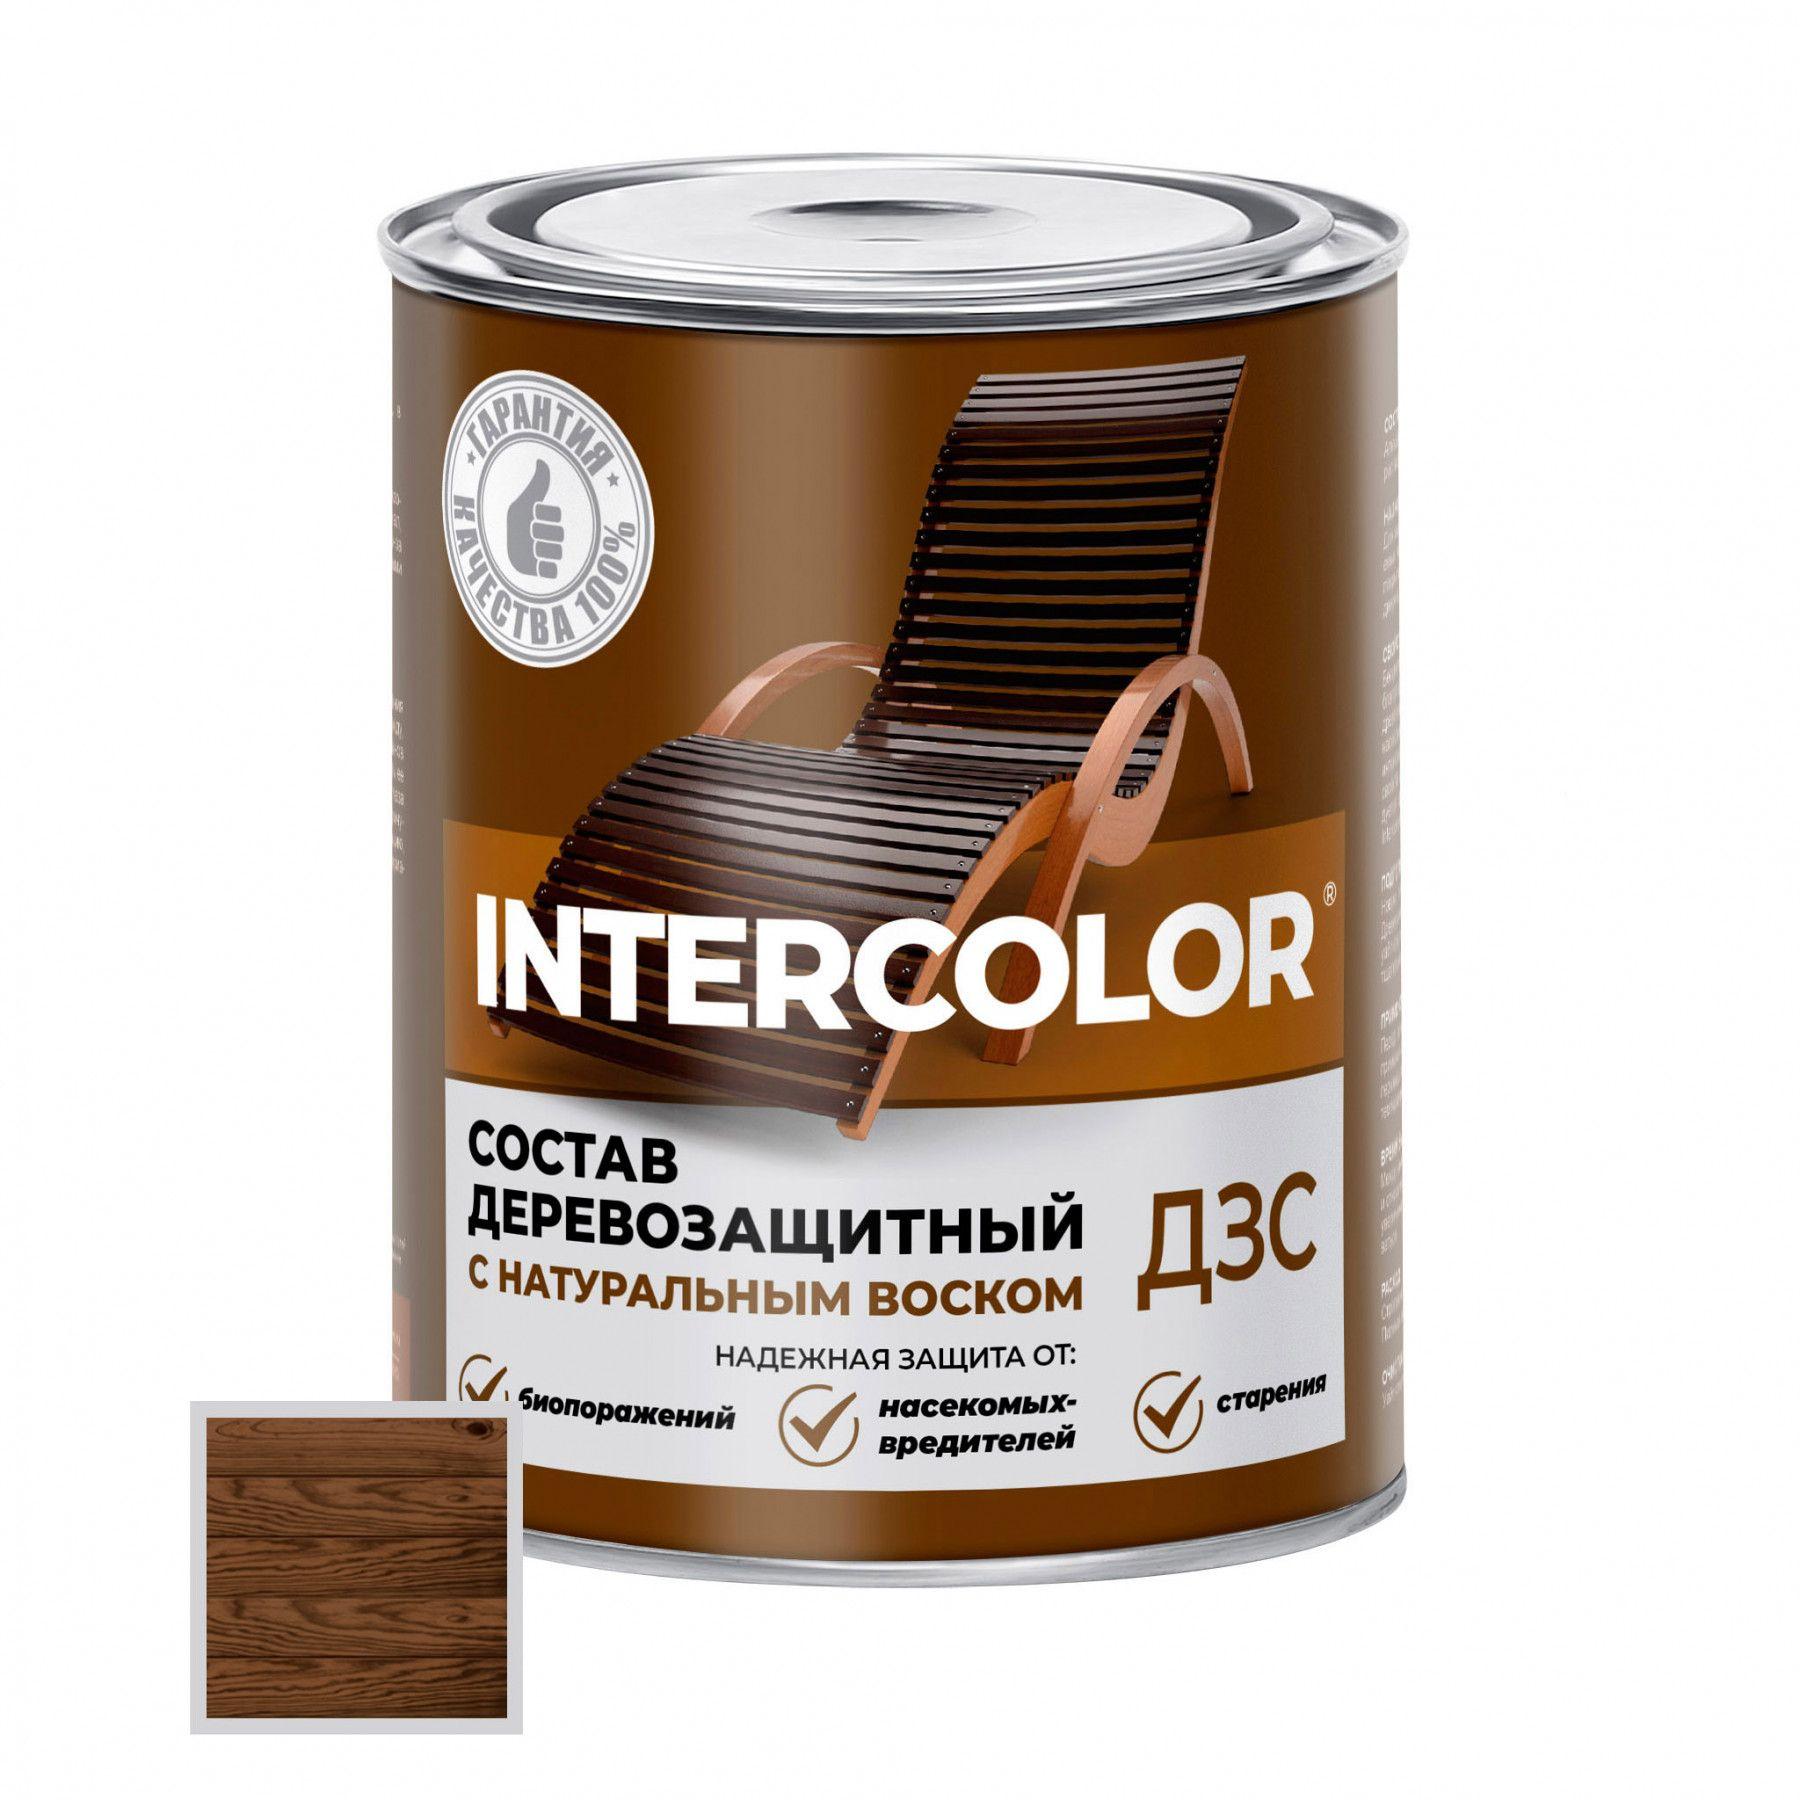 Деревозащитный состав Intercolor